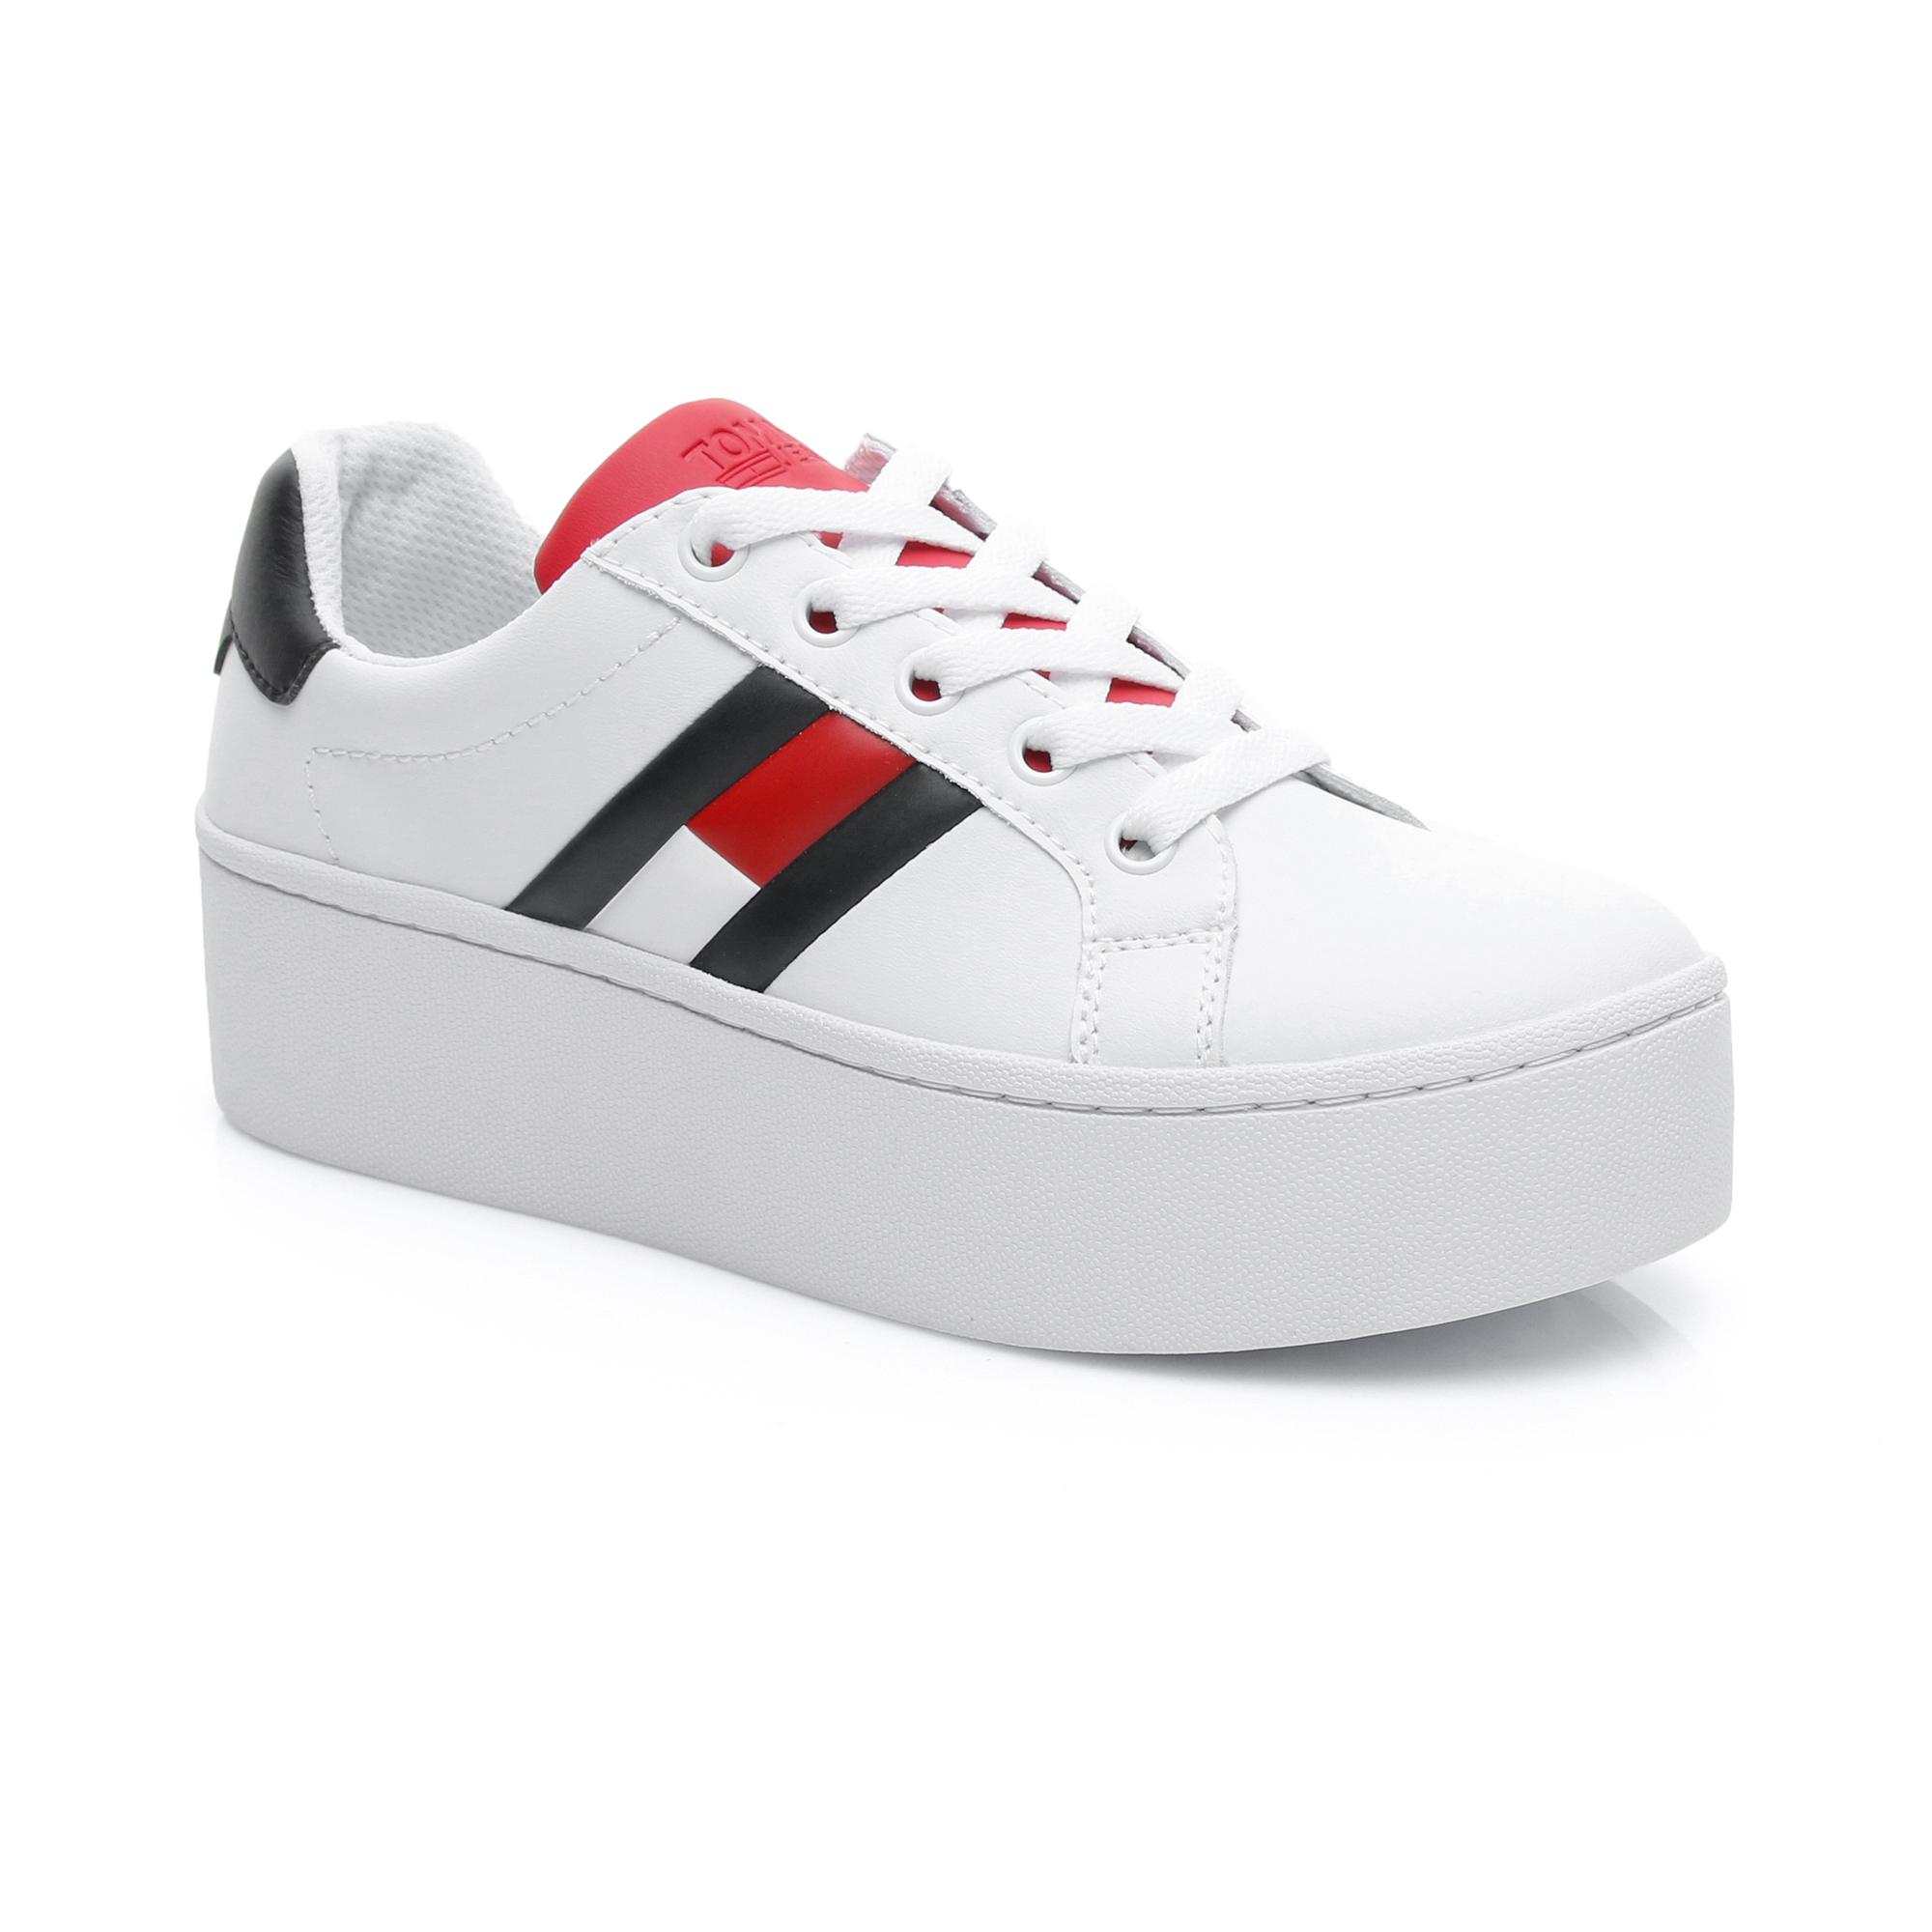 Tommy Hilfiger Jeans Icon Kadın Beyaz Spor Ayakkabı